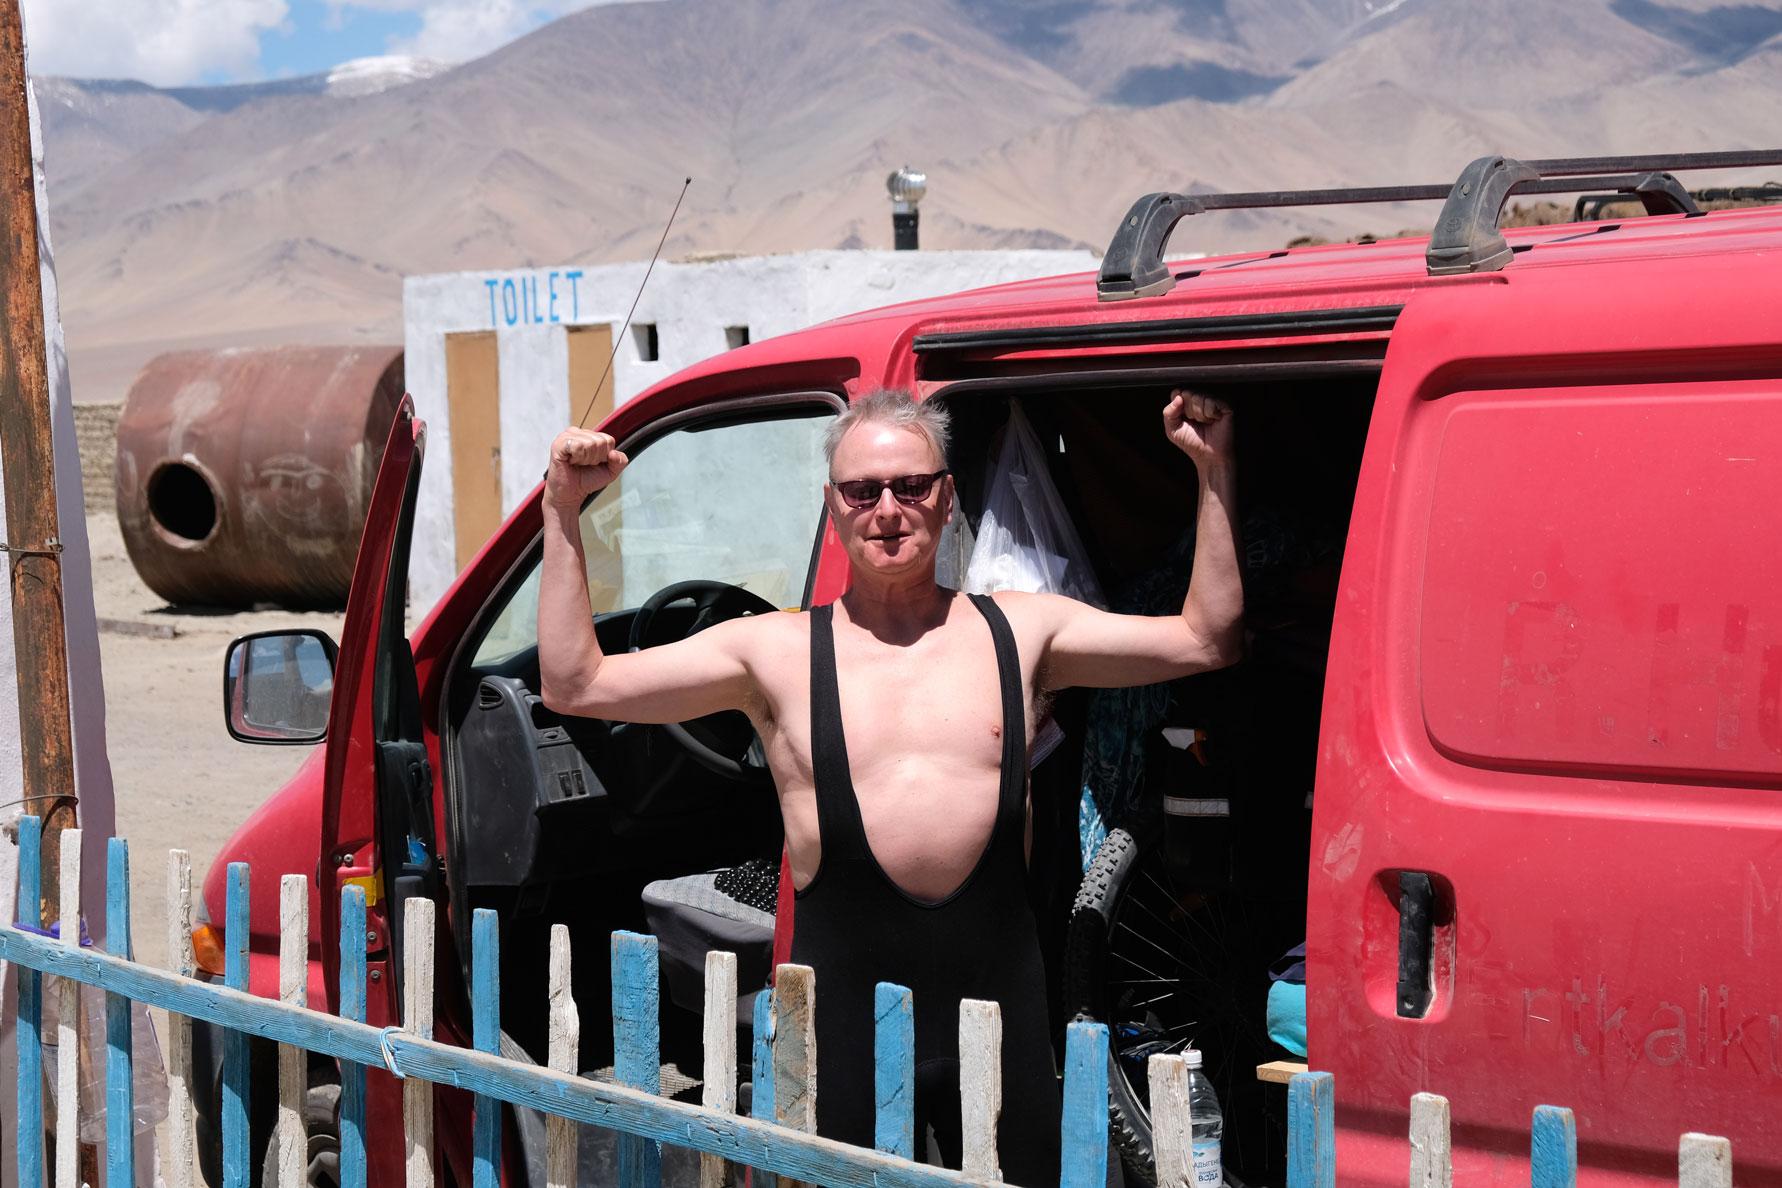 Thomas in einem knappen Schwimmanzug vor einem roten Kleintransporter.